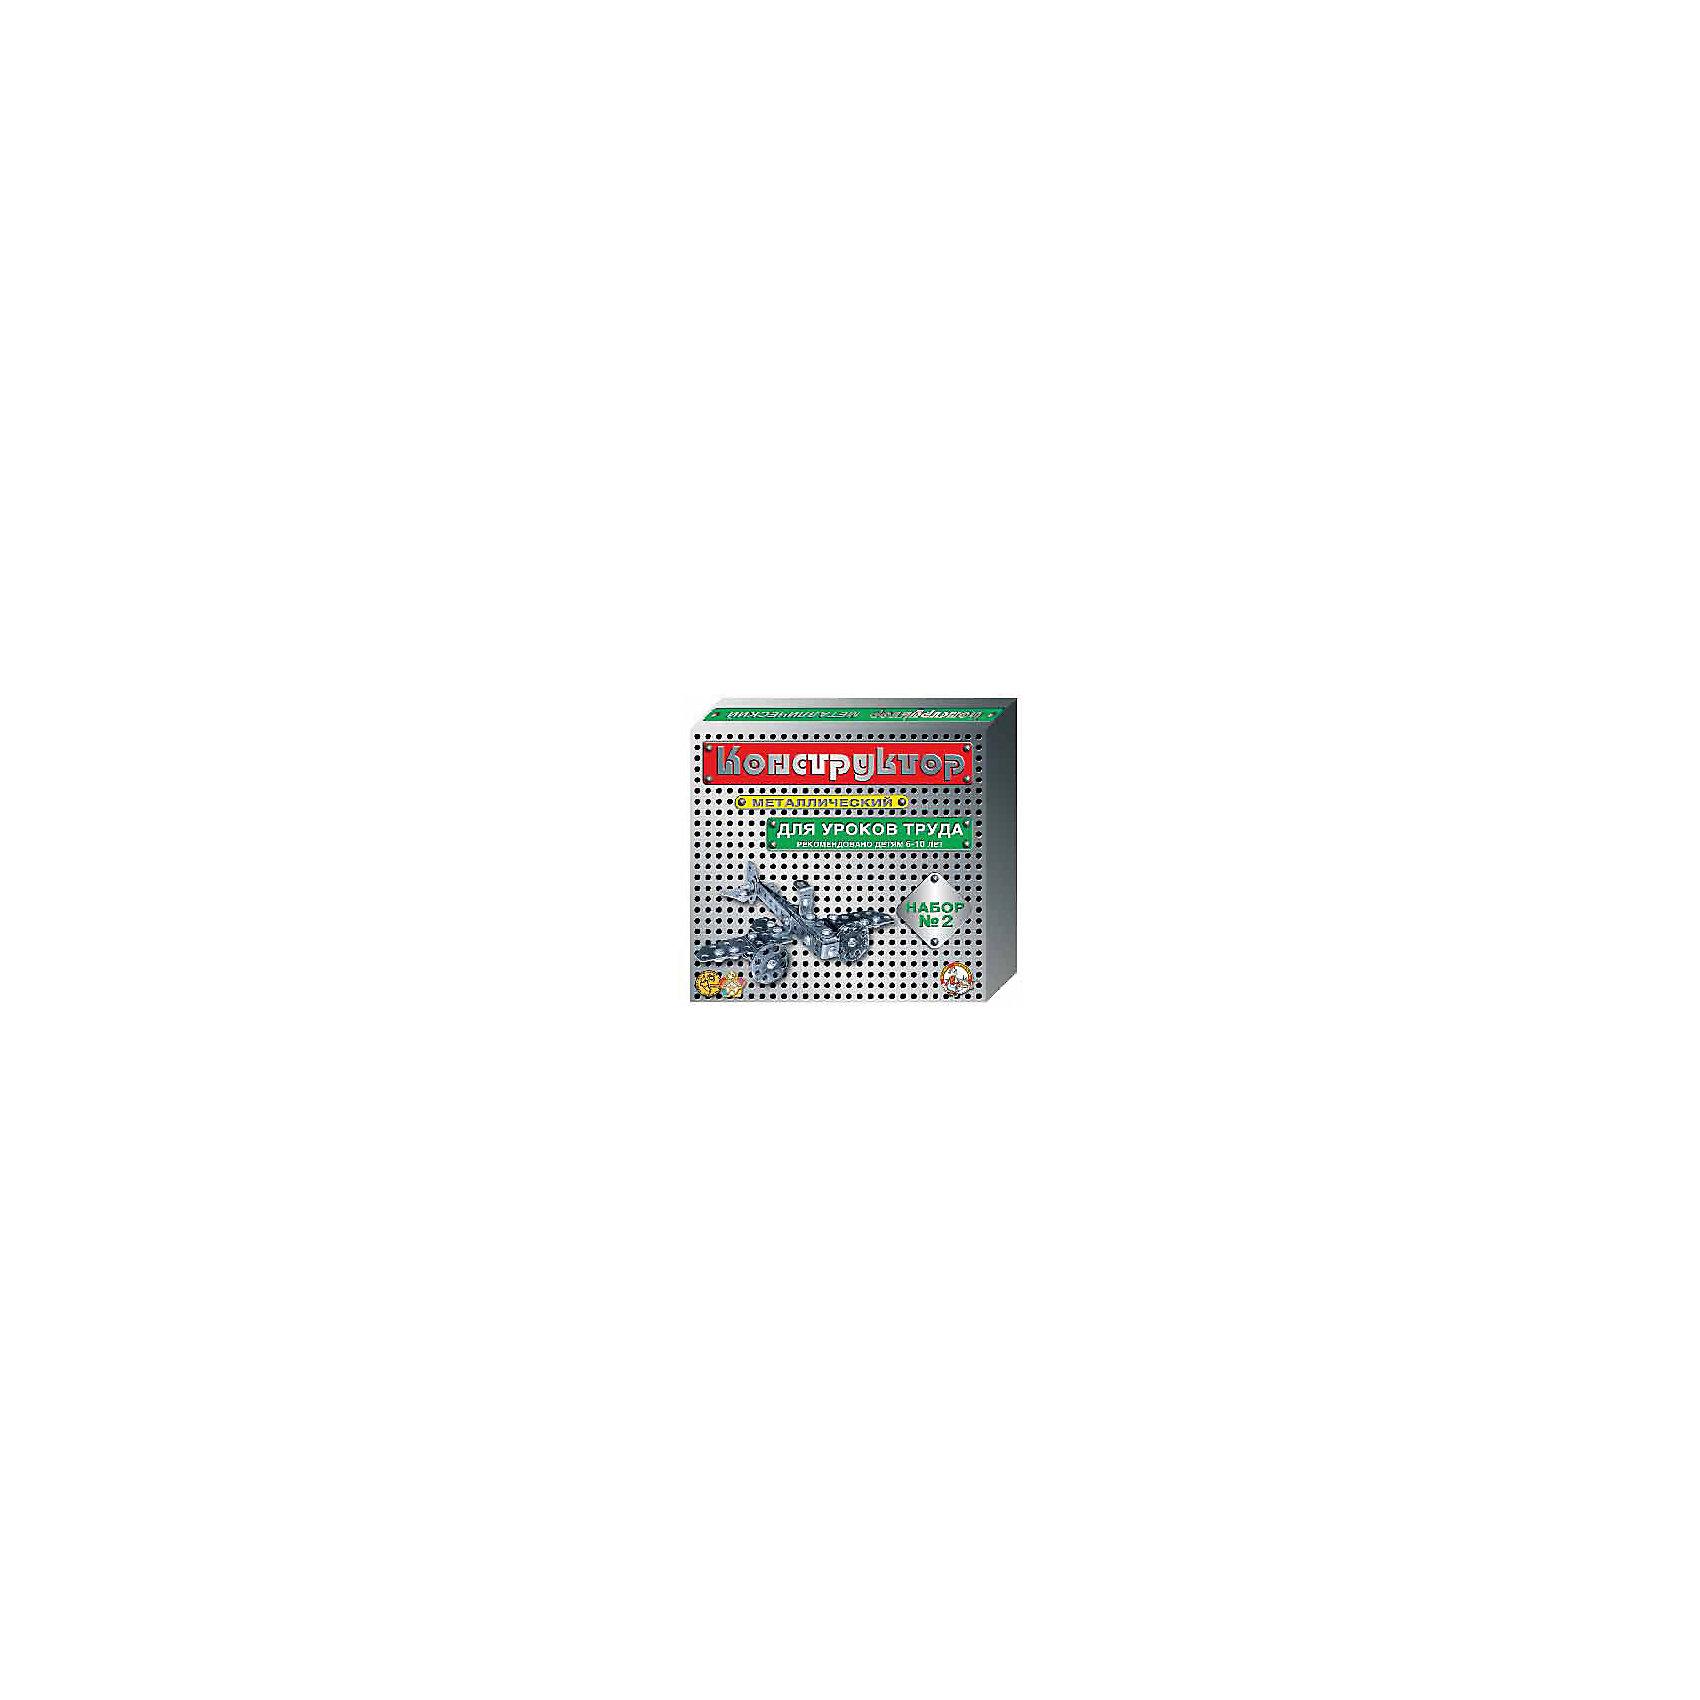 Конструктор металлический, 290 деталей, Десятое королевствоМеталлические конструкторы<br>Конструктор металлический, 290 деталей, Десятое королевство<br><br>Характеристики: <br><br>• Возраст: от 6 лет<br>• Материал: металл<br>• В комплекте: 290 деталей<br><br>Данный металлический конструктор состоит из различных по размеру деталей и позволяет собрать множество видов транспорта - самолет, машину, велосипед и тд. Он создан из качественного, безопасного для детей материала и в него удобно играть, как в одиночку, так и в компании. Набор содержит инструкцию для удобства сборки и соответствует передовым требованиям качества.<br><br>Конструктор металлический, 290 деталей, Десятое королевство можно купить в нашем интернет-магазине.<br><br>Ширина мм: 230<br>Глубина мм: 200<br>Высота мм: 35<br>Вес г: 698<br>Возраст от месяцев: 84<br>Возраст до месяцев: 2147483647<br>Пол: Мужской<br>Возраст: Детский<br>SKU: 5473792